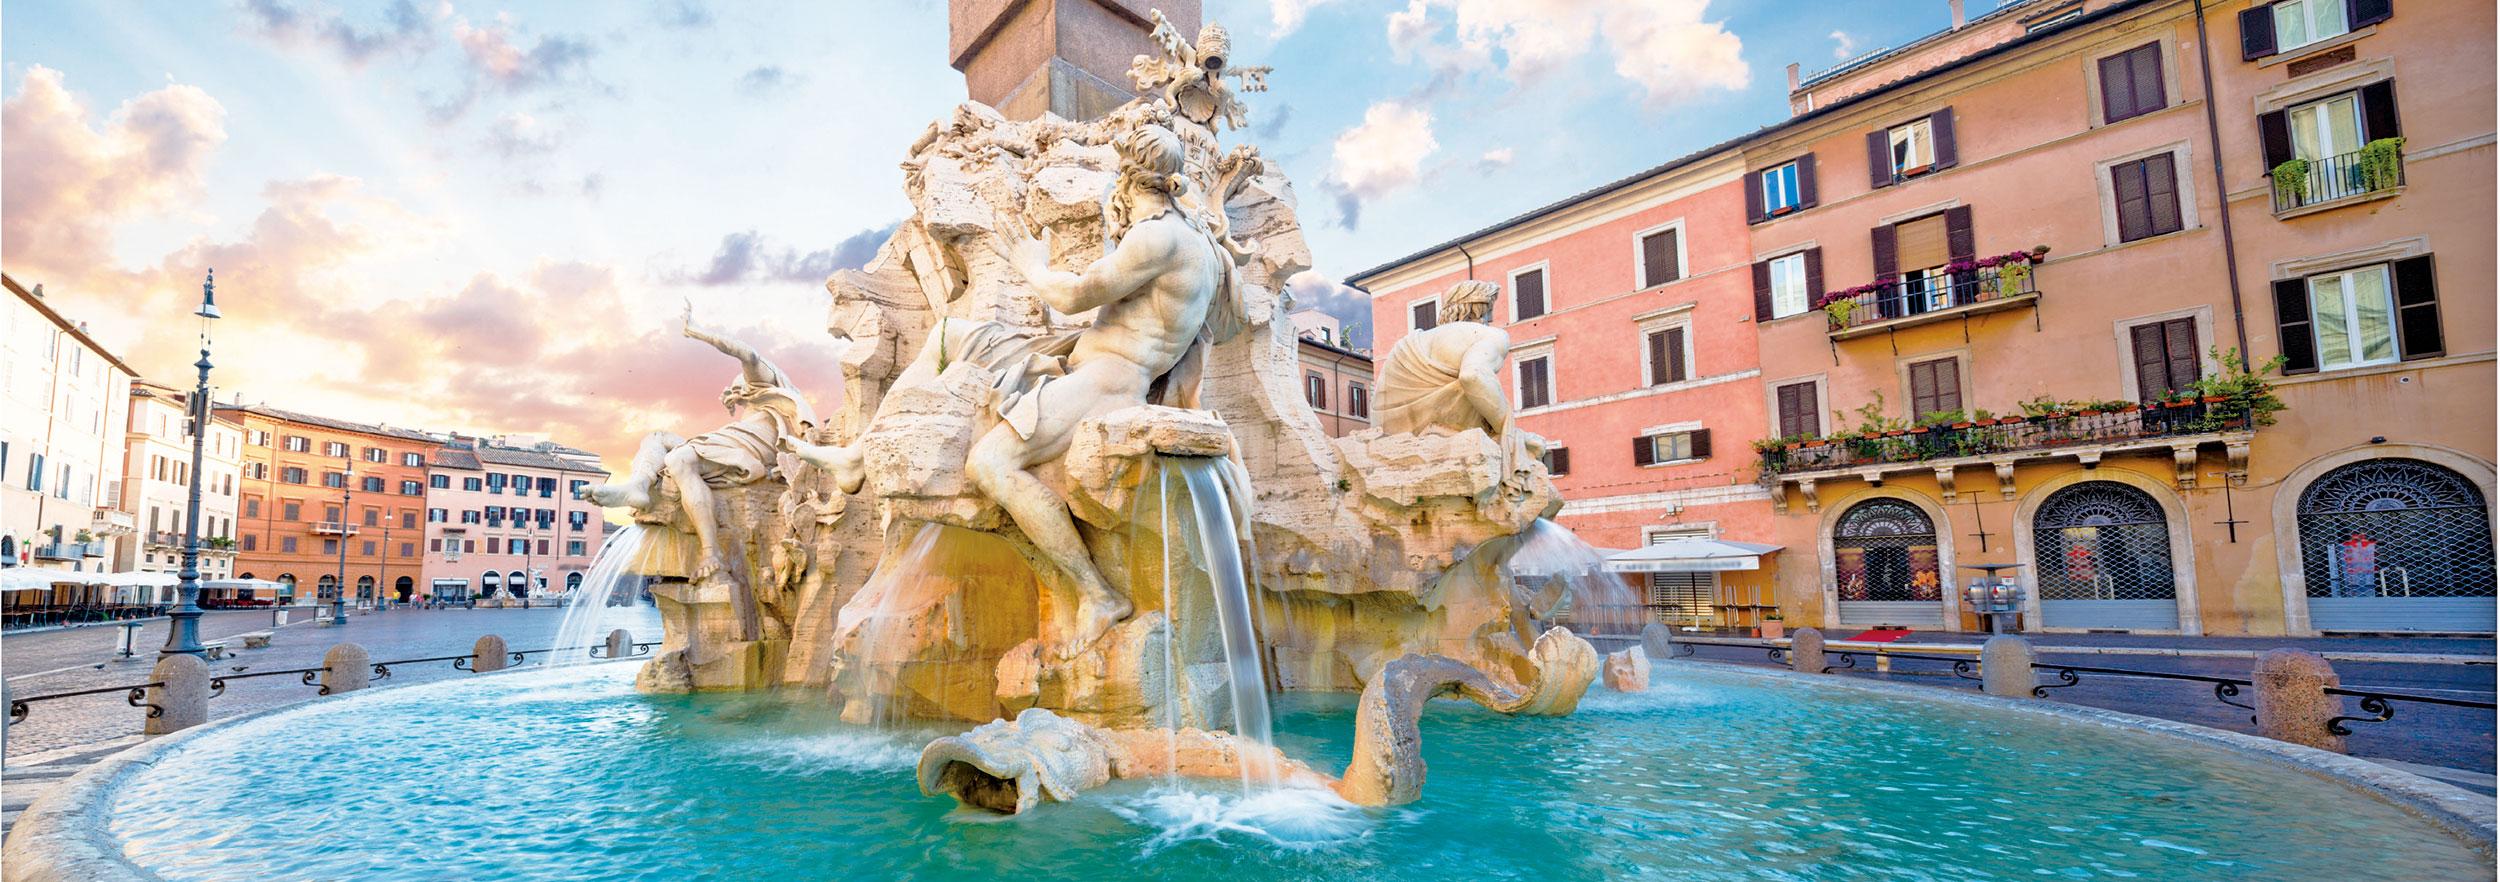 羅馬納沃納廣場四河噴泉雕像。(shutterstock)